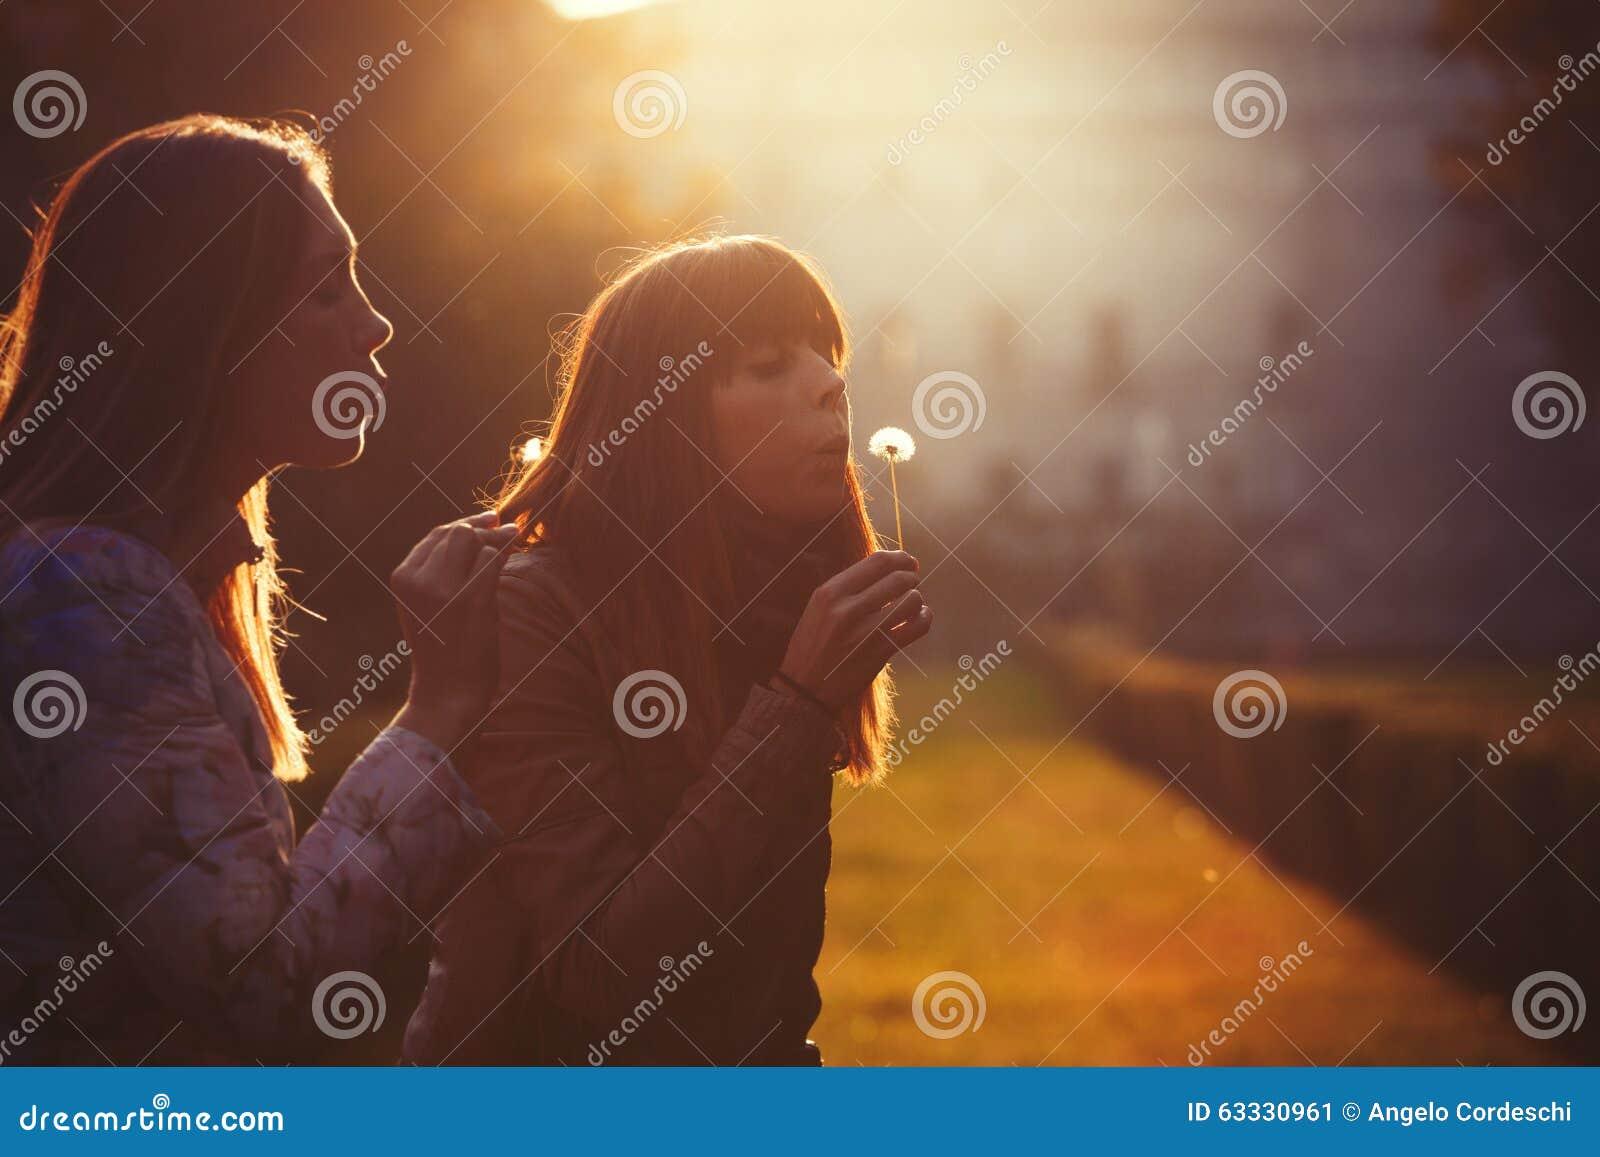 Ελευθερία και ελπίδα γυναικών Φύση και αρμονία ρομαντικό ηλιοβασίλεμα